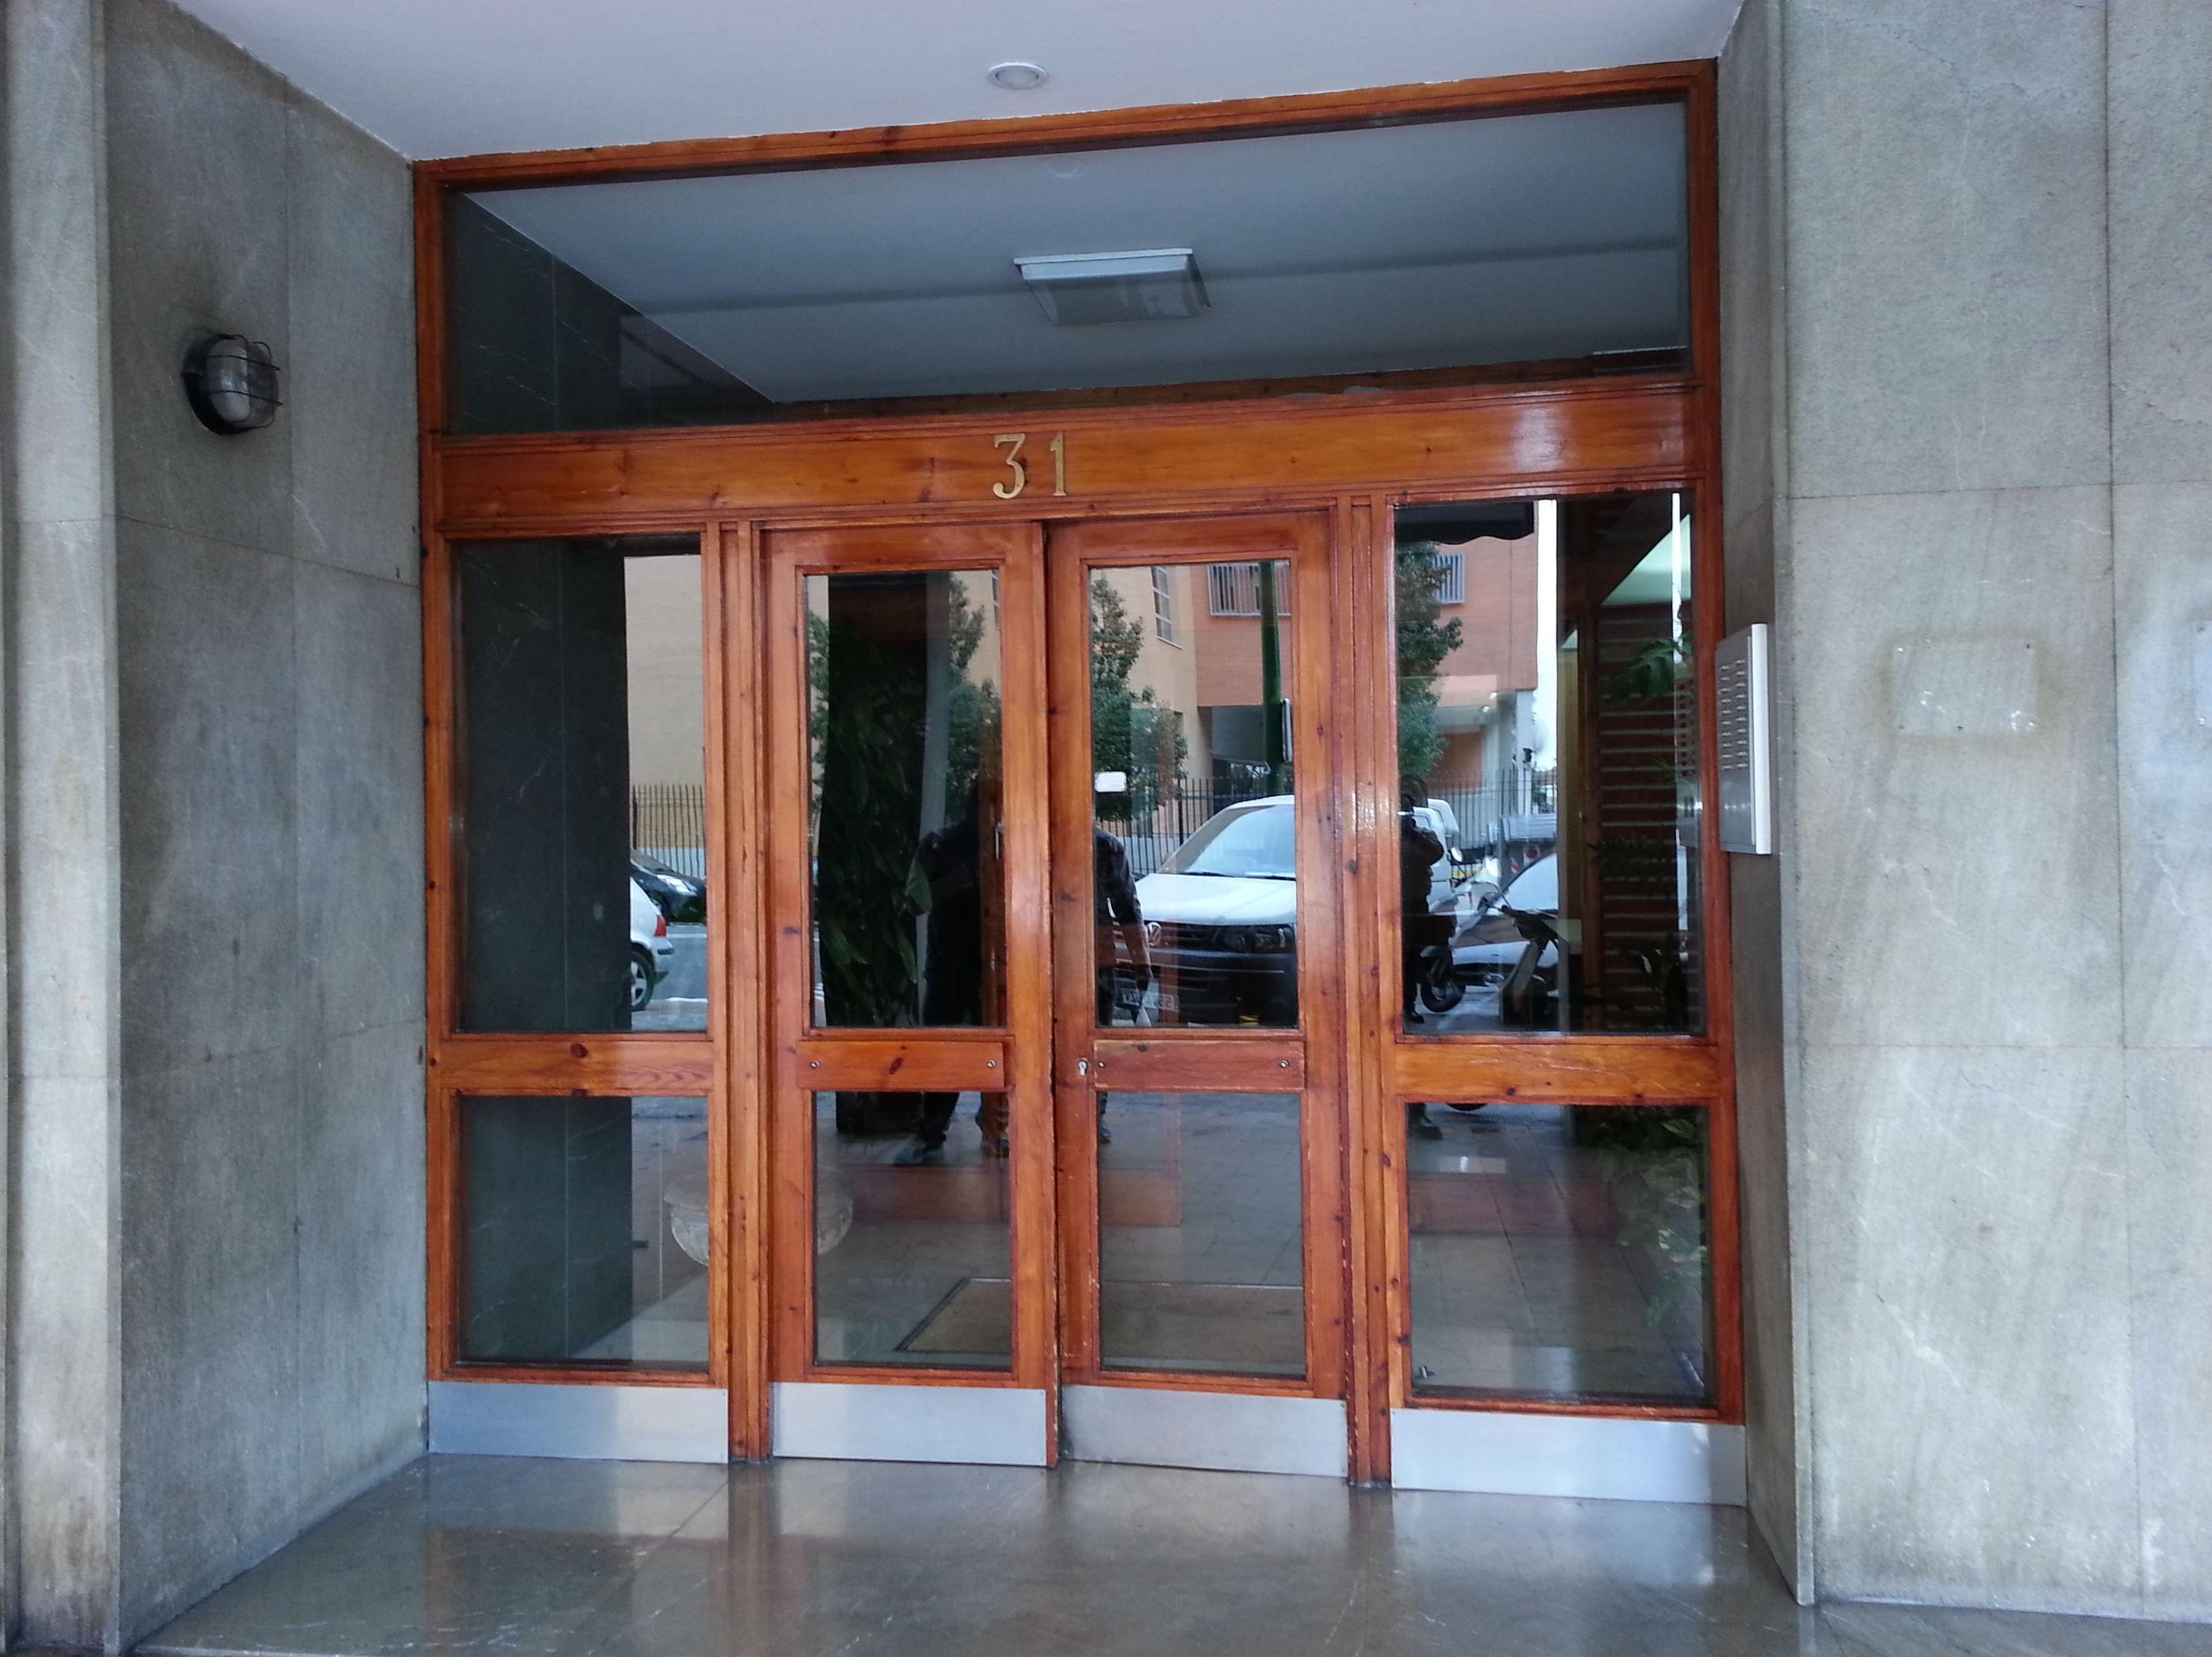 Carpintería de madera. Puertas de portales